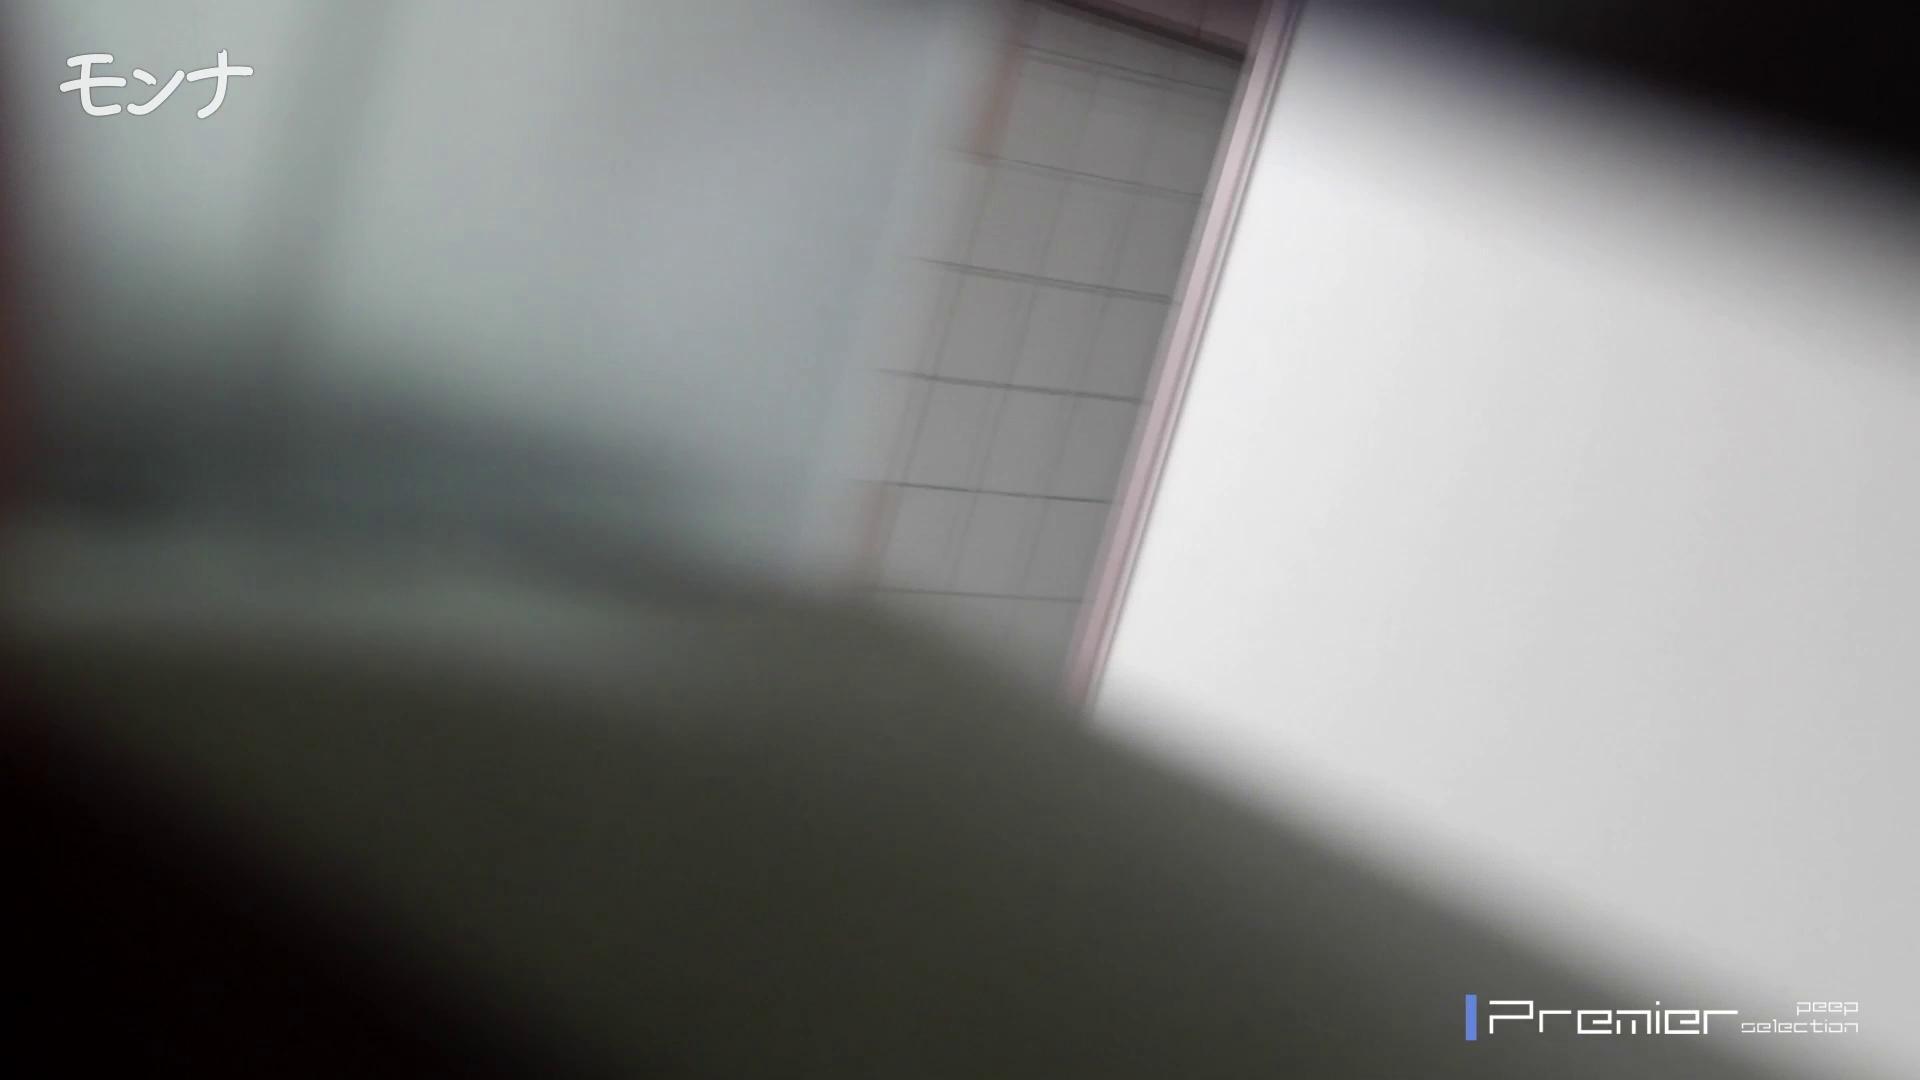 美しい日本の未来 No.54 眼鏡清楚美女特集 高評価 エロ無料画像 94画像 34